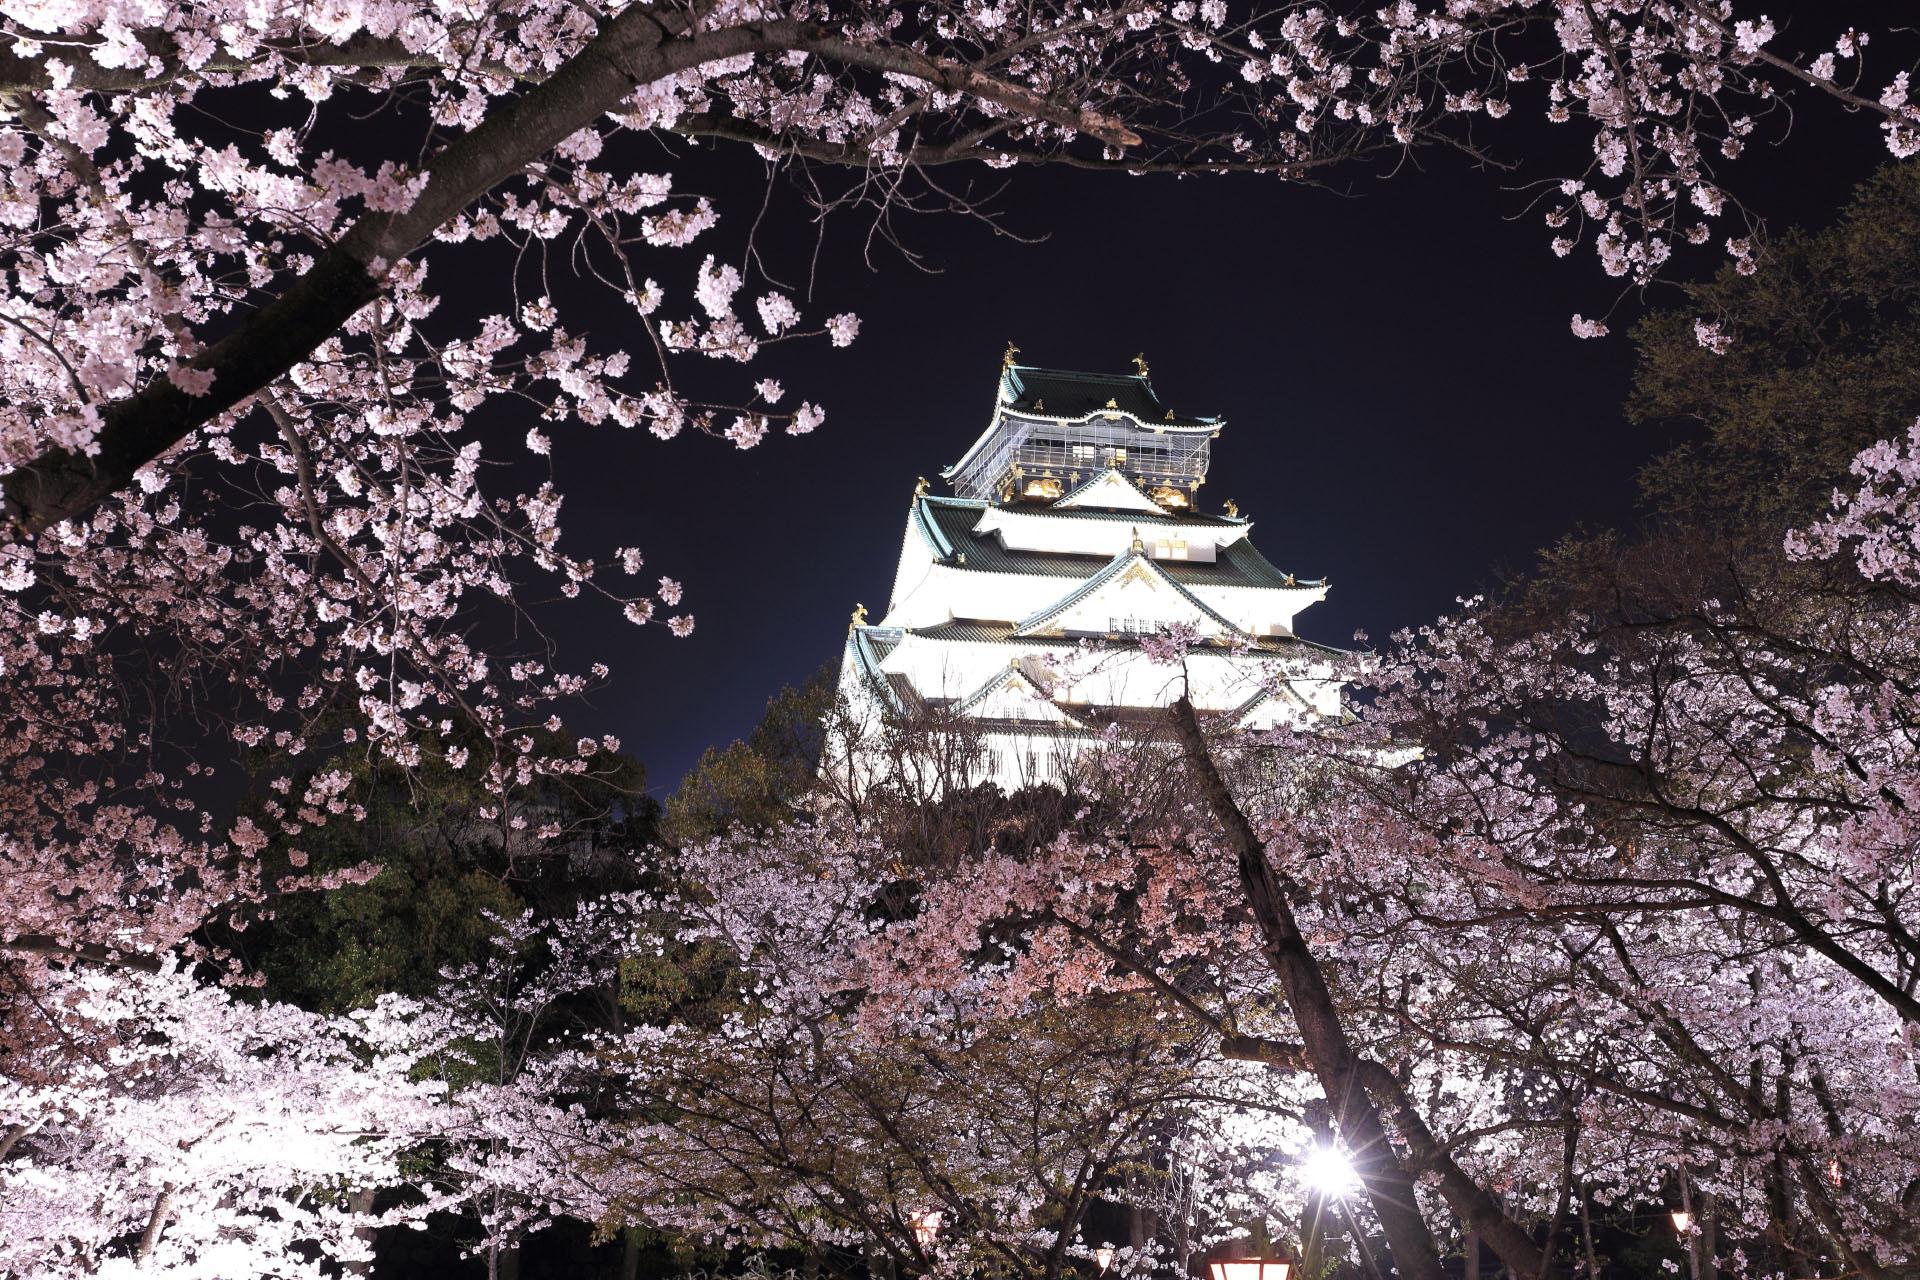 夜の大阪城と桜 大阪の風景